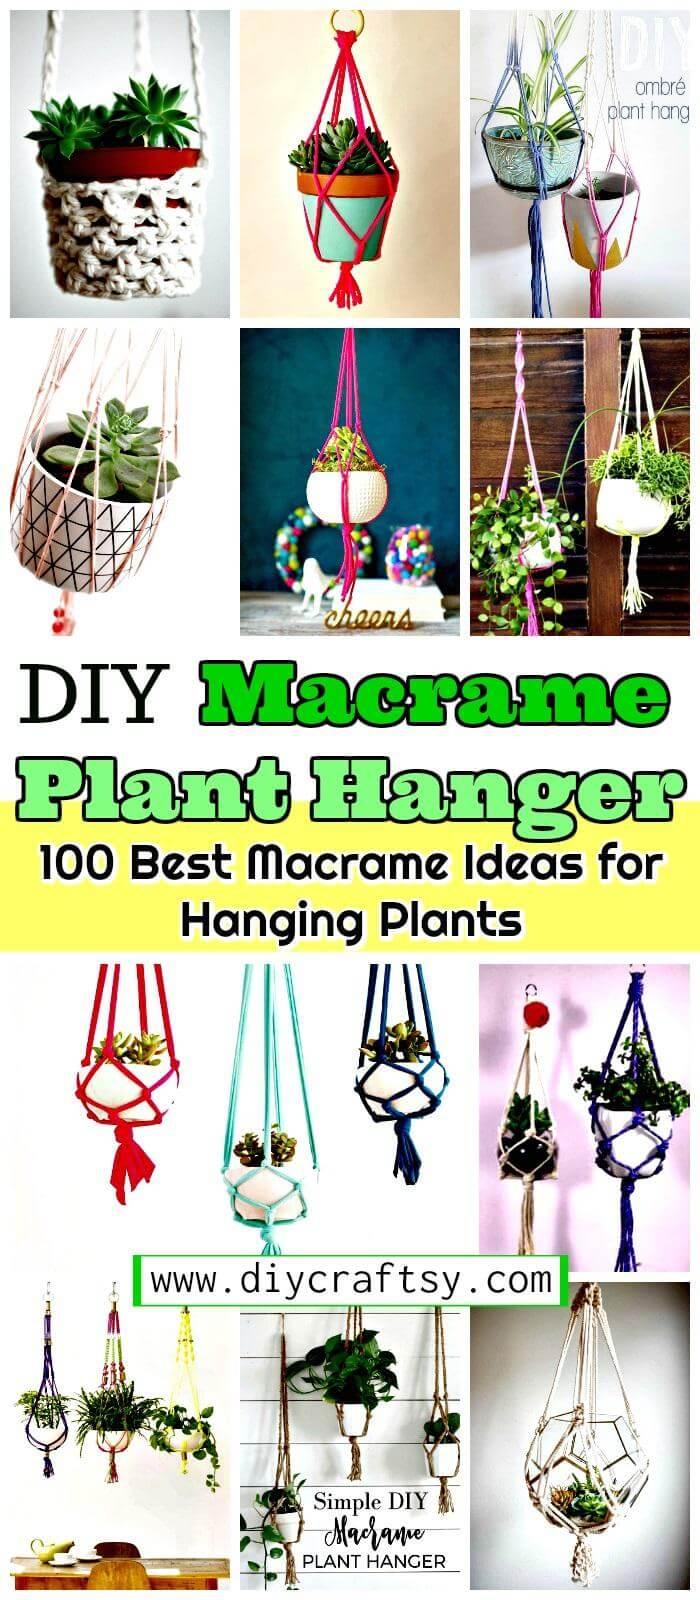 Colgador de plantas de macramé - 100 mejores ideas de macramé para plantas colgantes - Jardineras colgantes de bricolaje